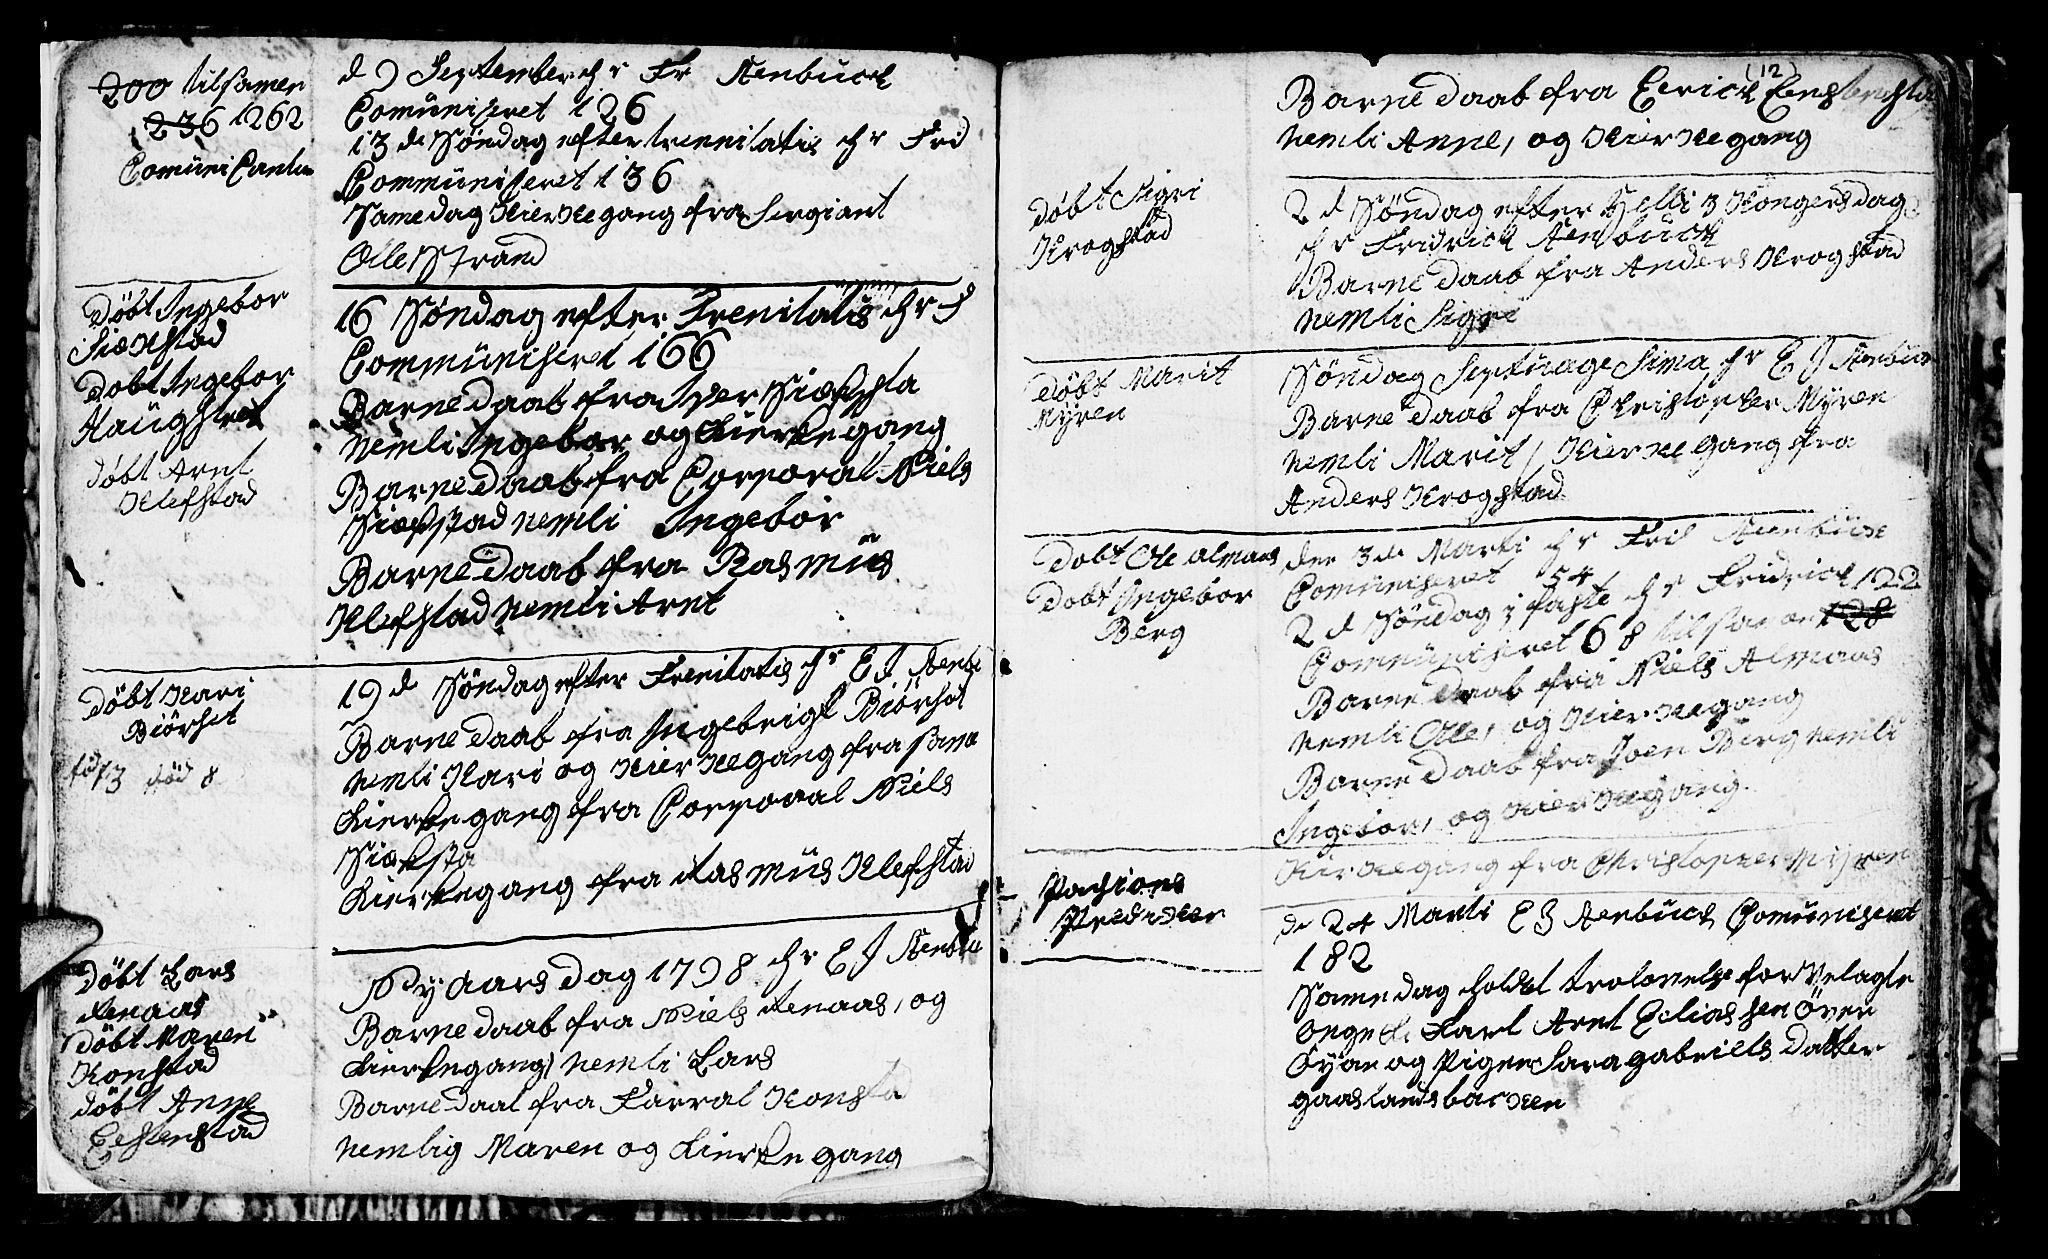 SAT, Ministerialprotokoller, klokkerbøker og fødselsregistre - Sør-Trøndelag, 694/L1129: Klokkerbok nr. 694C01, 1793-1815, s. 12